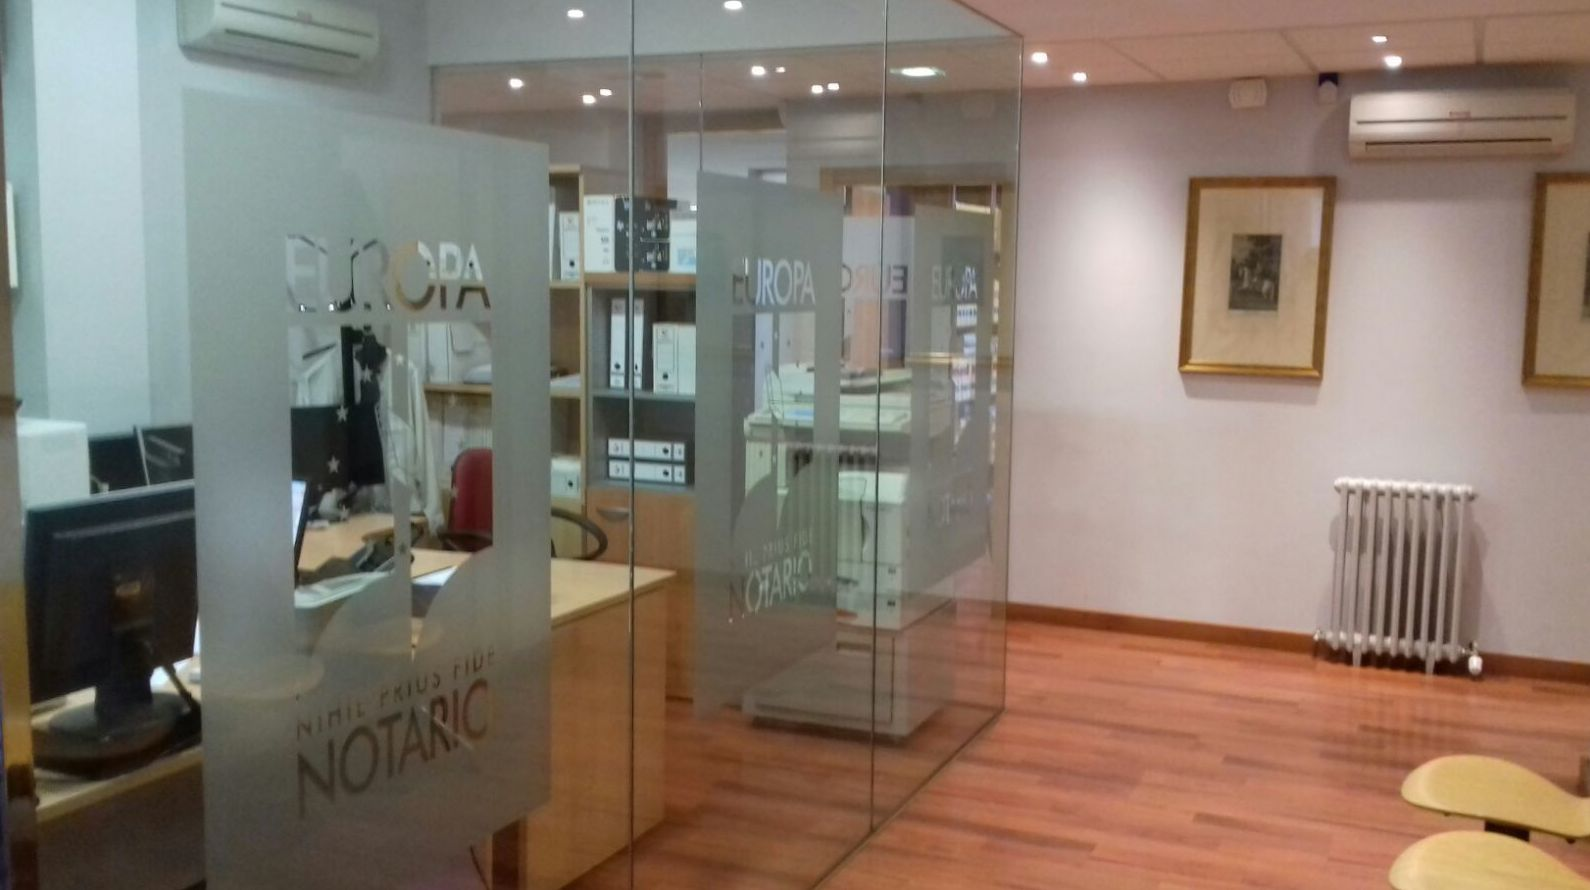 Foto 3 de Notarías en Badajoz | Notaría de Luis Plá Rubio